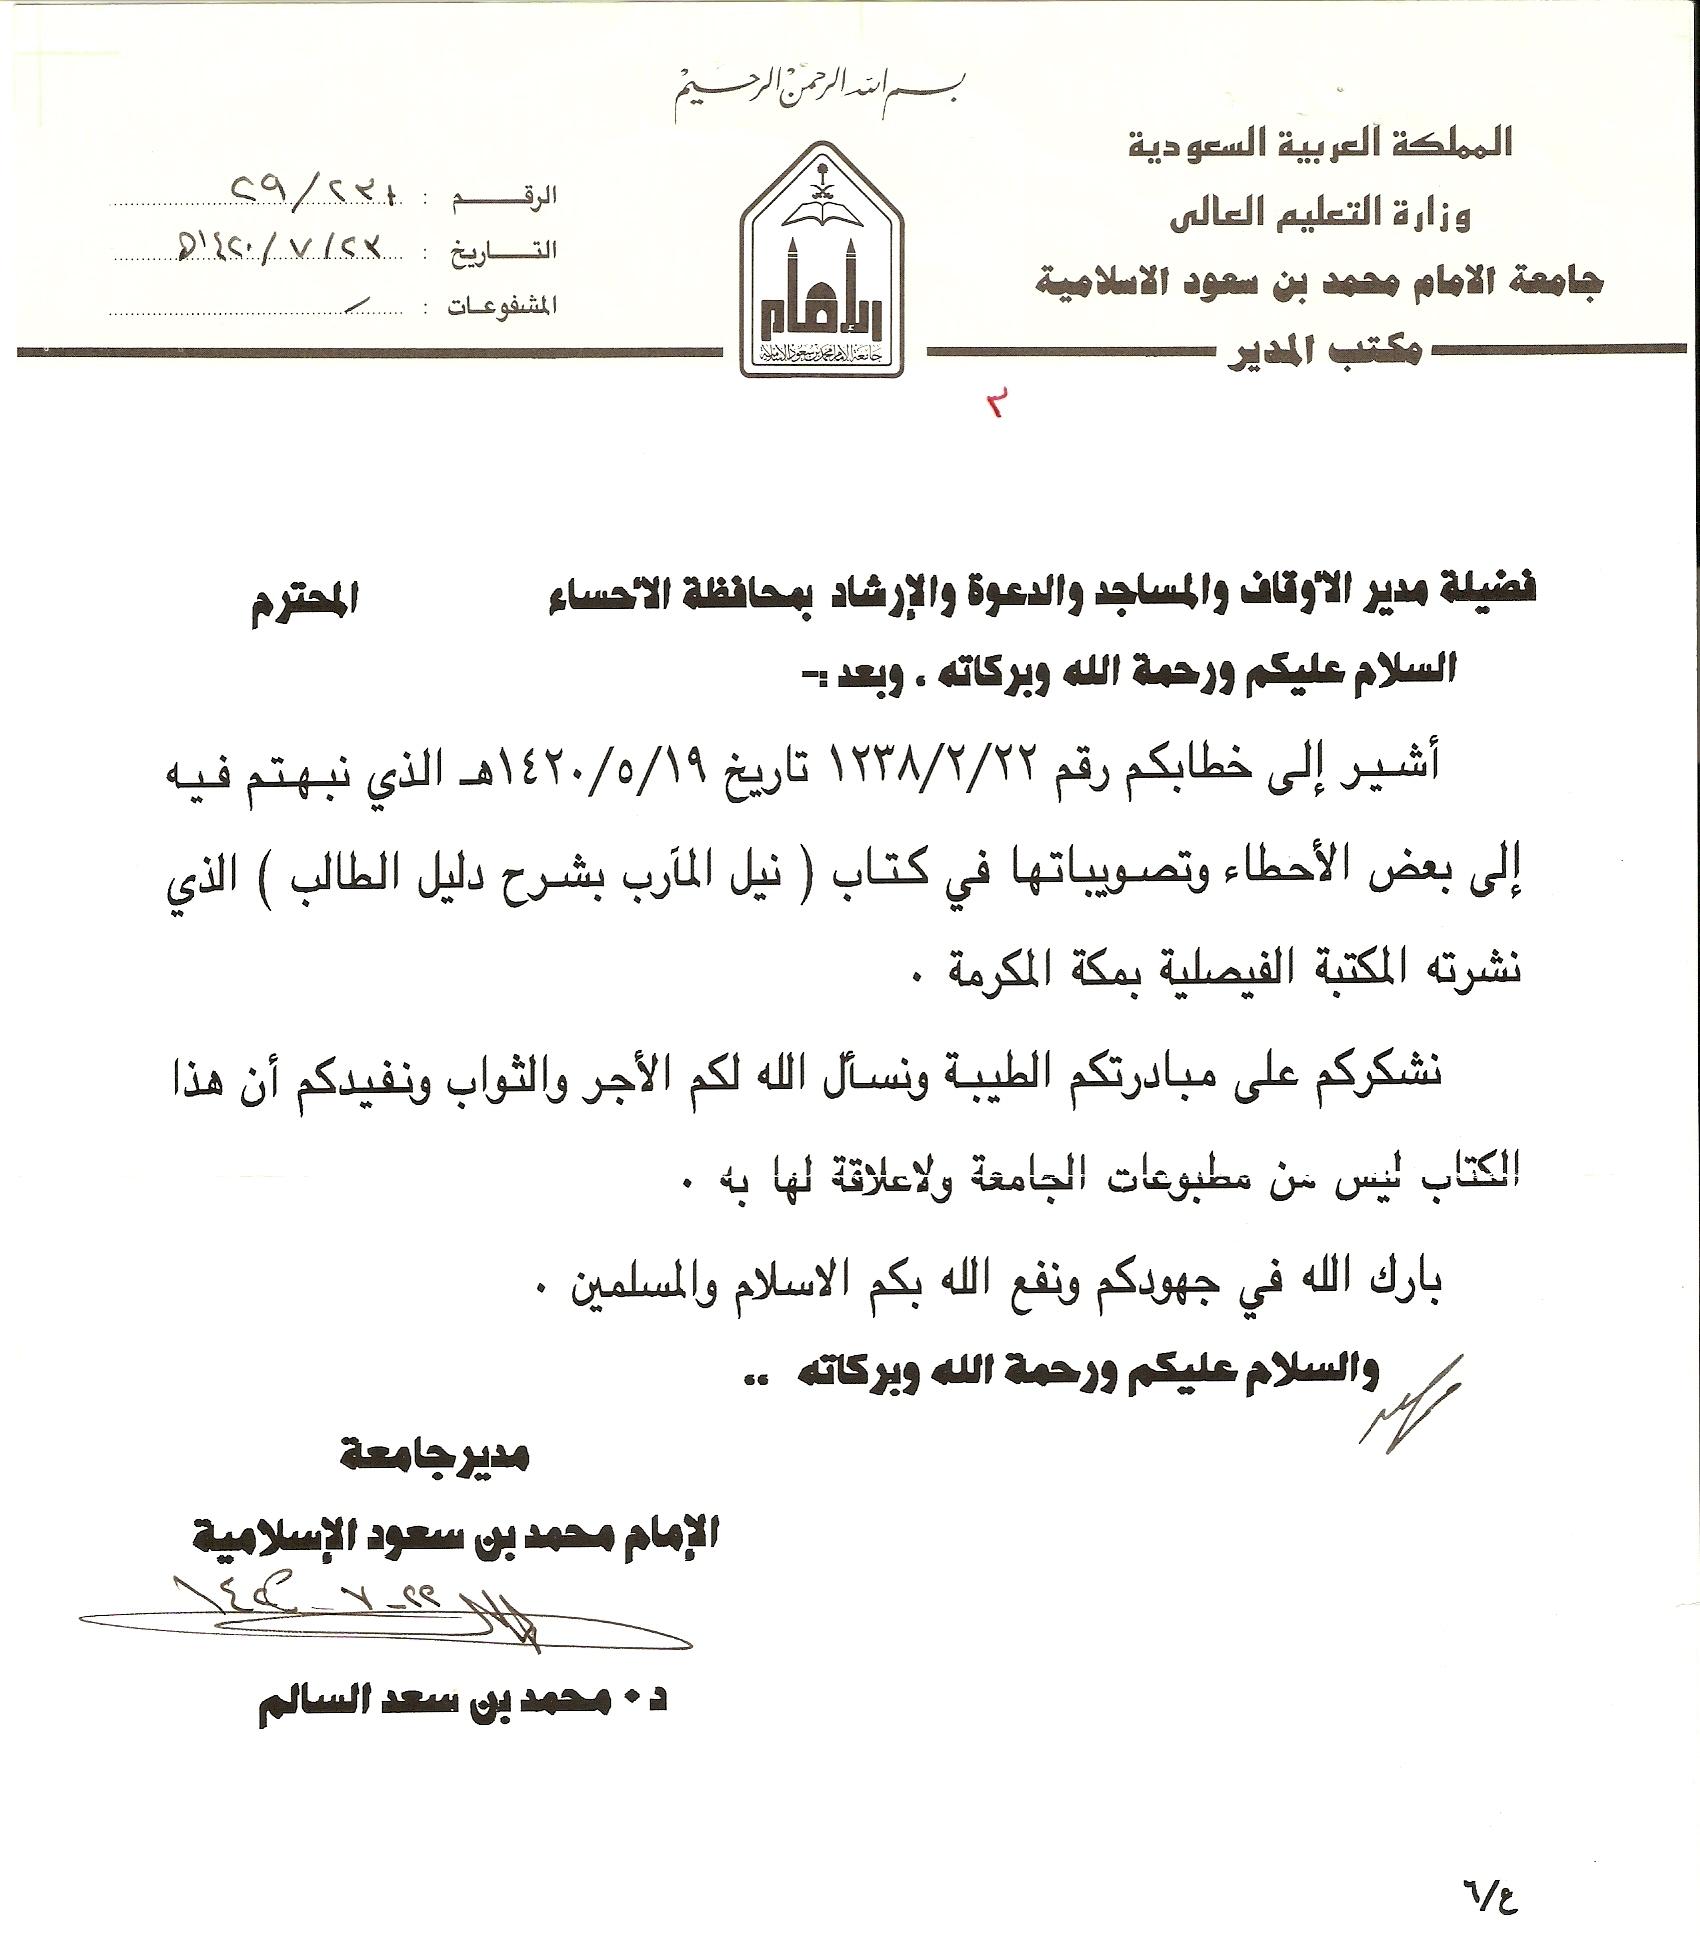 كشاف القناع طبعة وزارة العدل